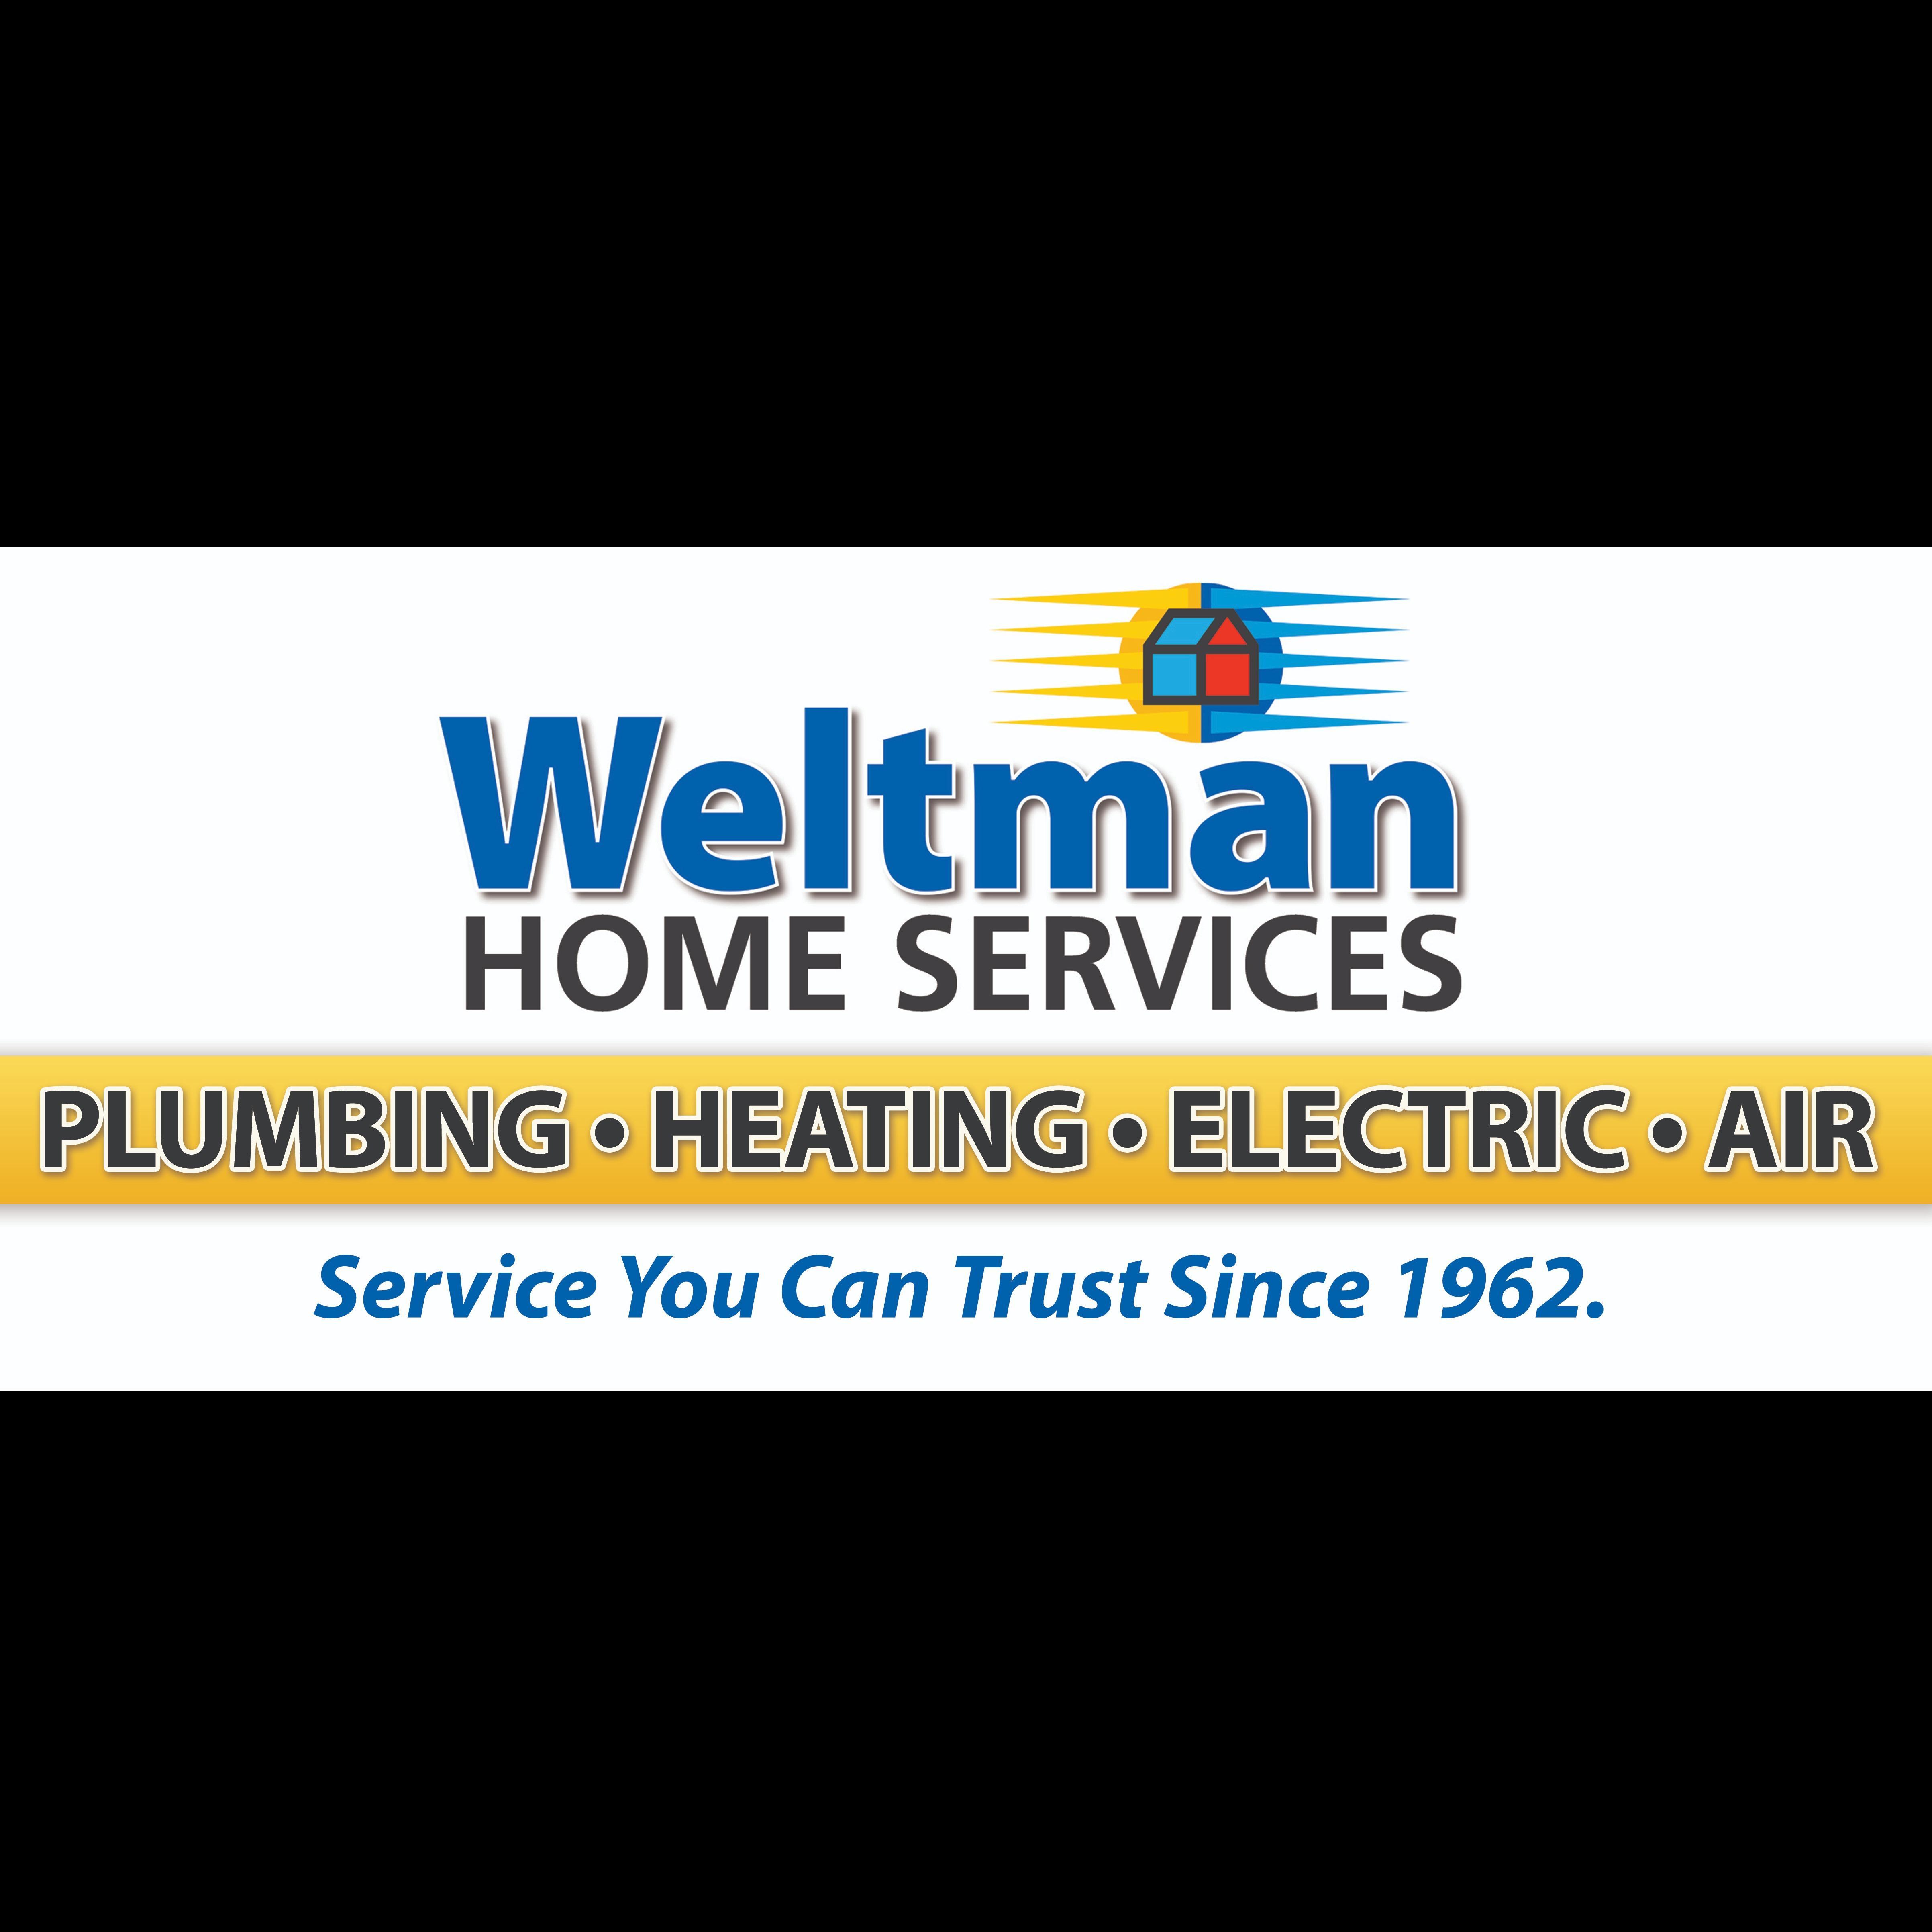 Plumber in NJ Berkeley Heights 07922 Weltman Home Services 80 Industrial Road  (908)897-0857